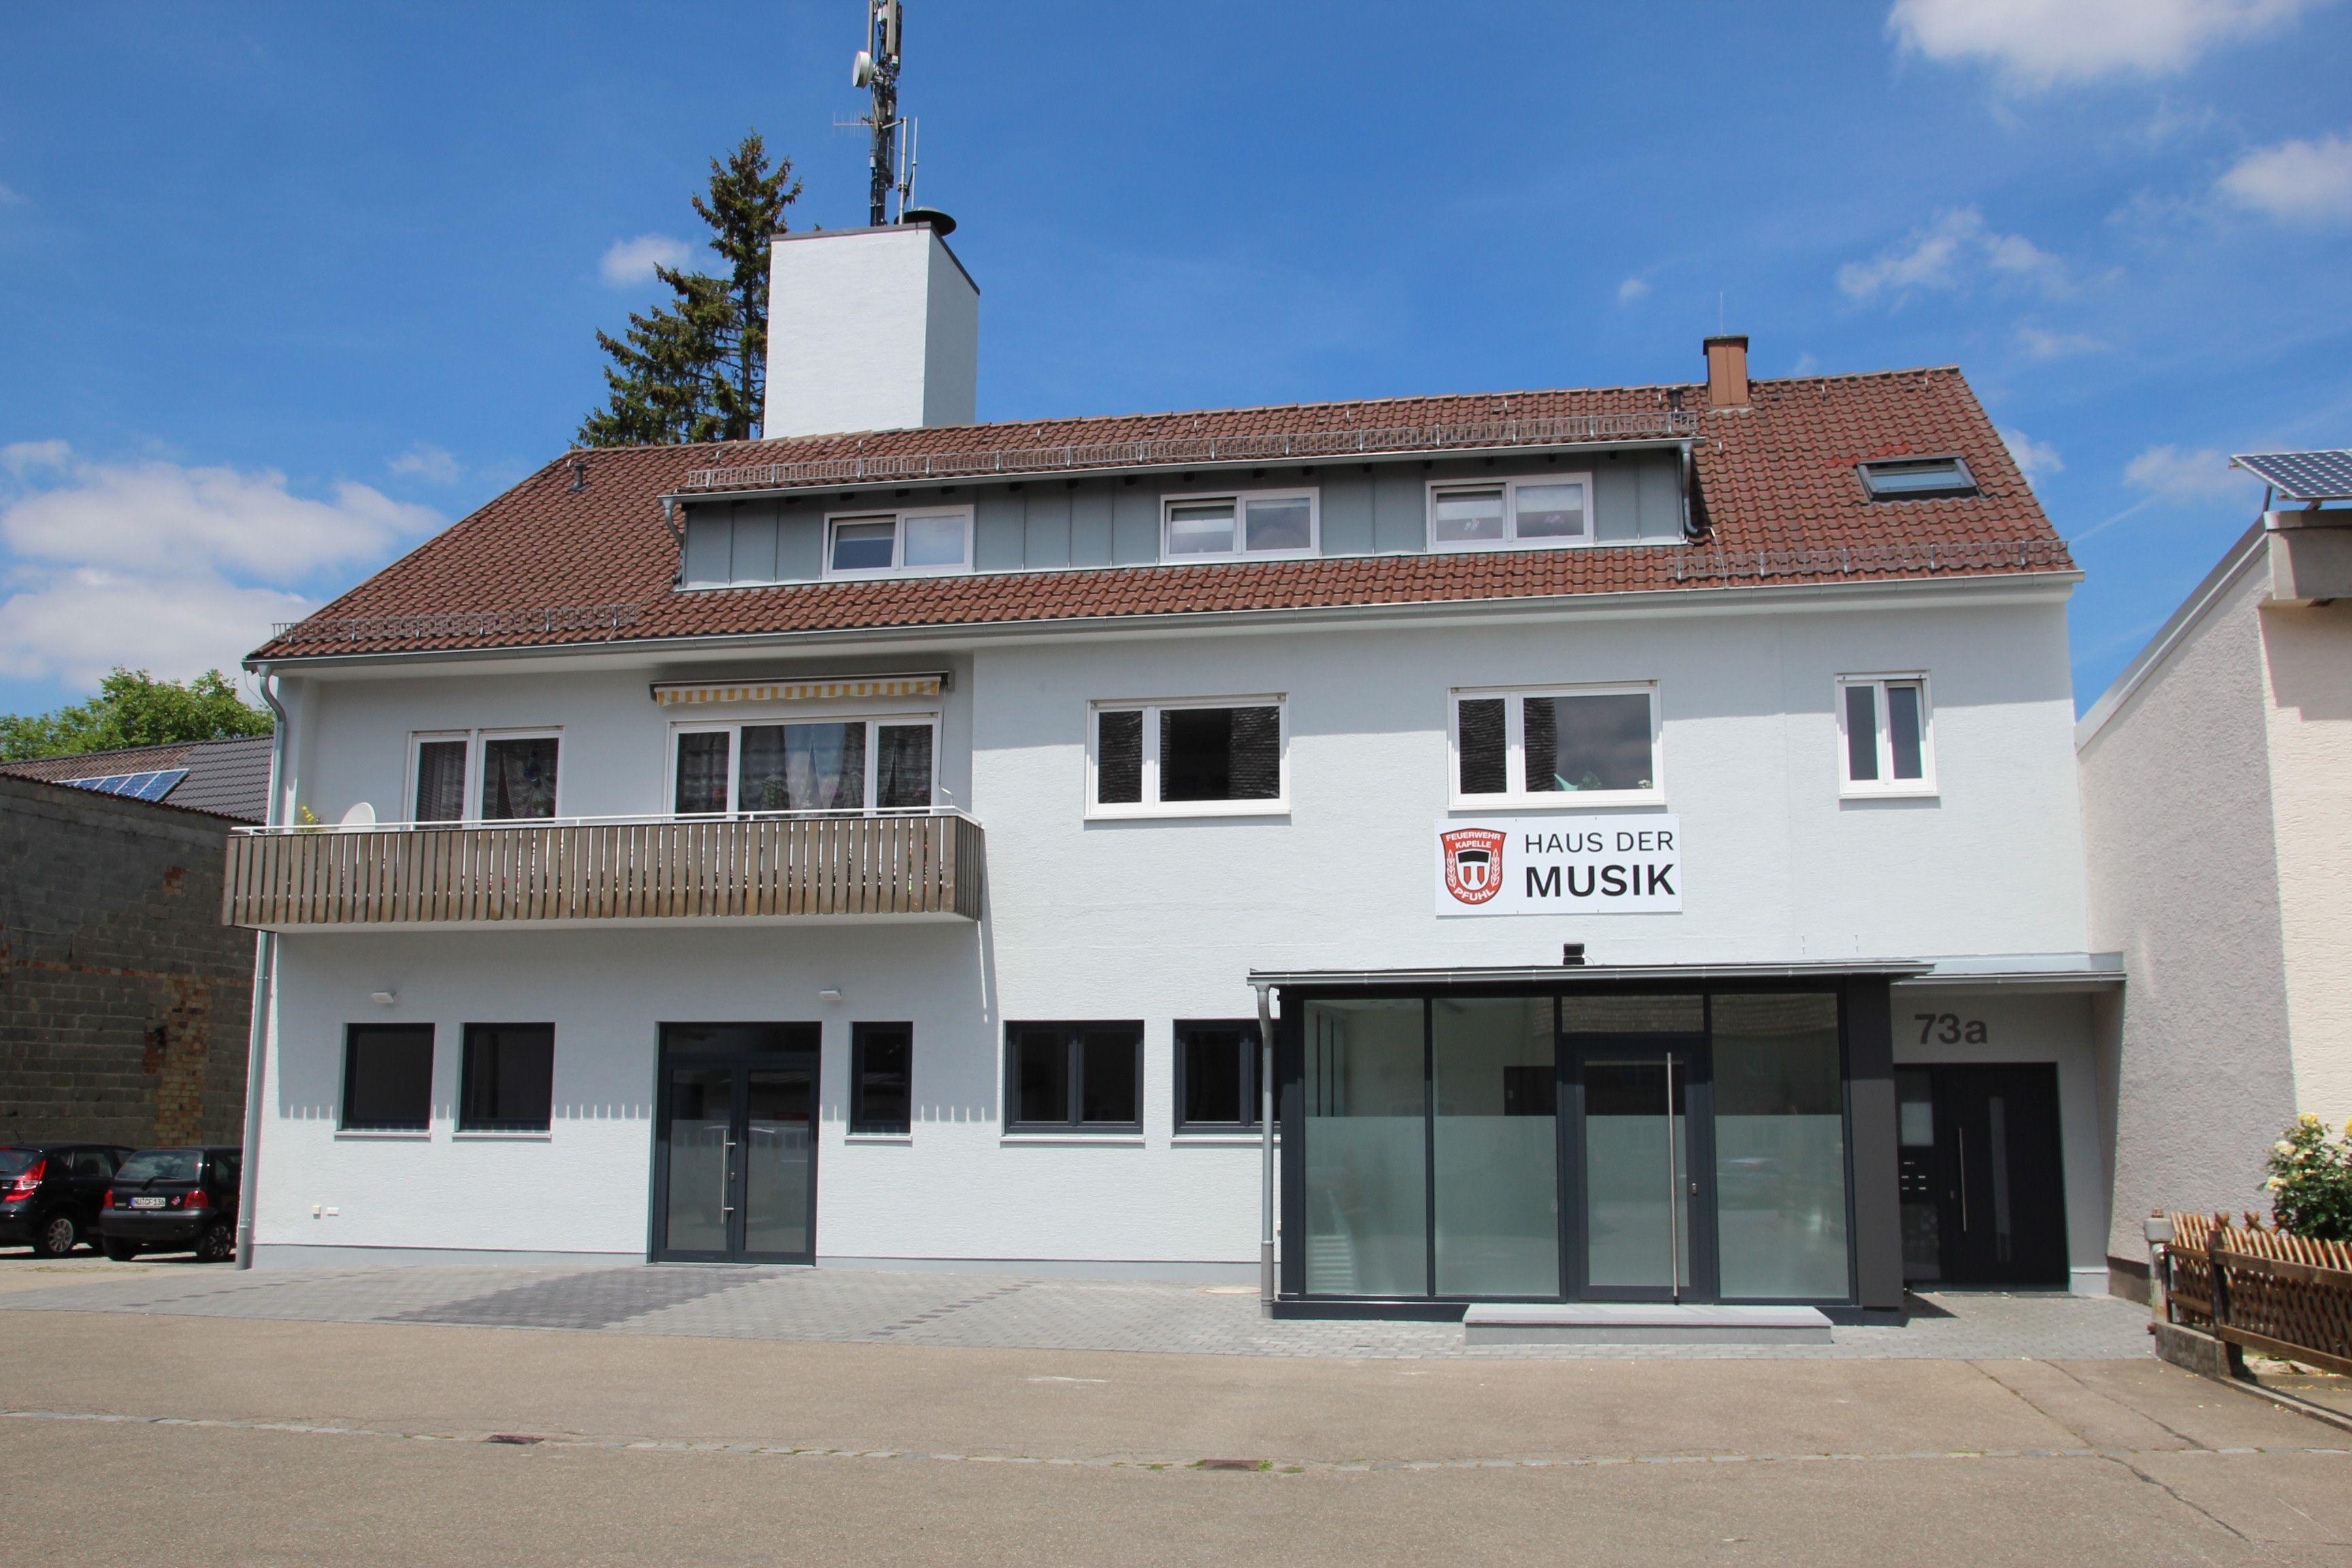 CSU Pfuhl gratuliert zum neuen Musikerheim